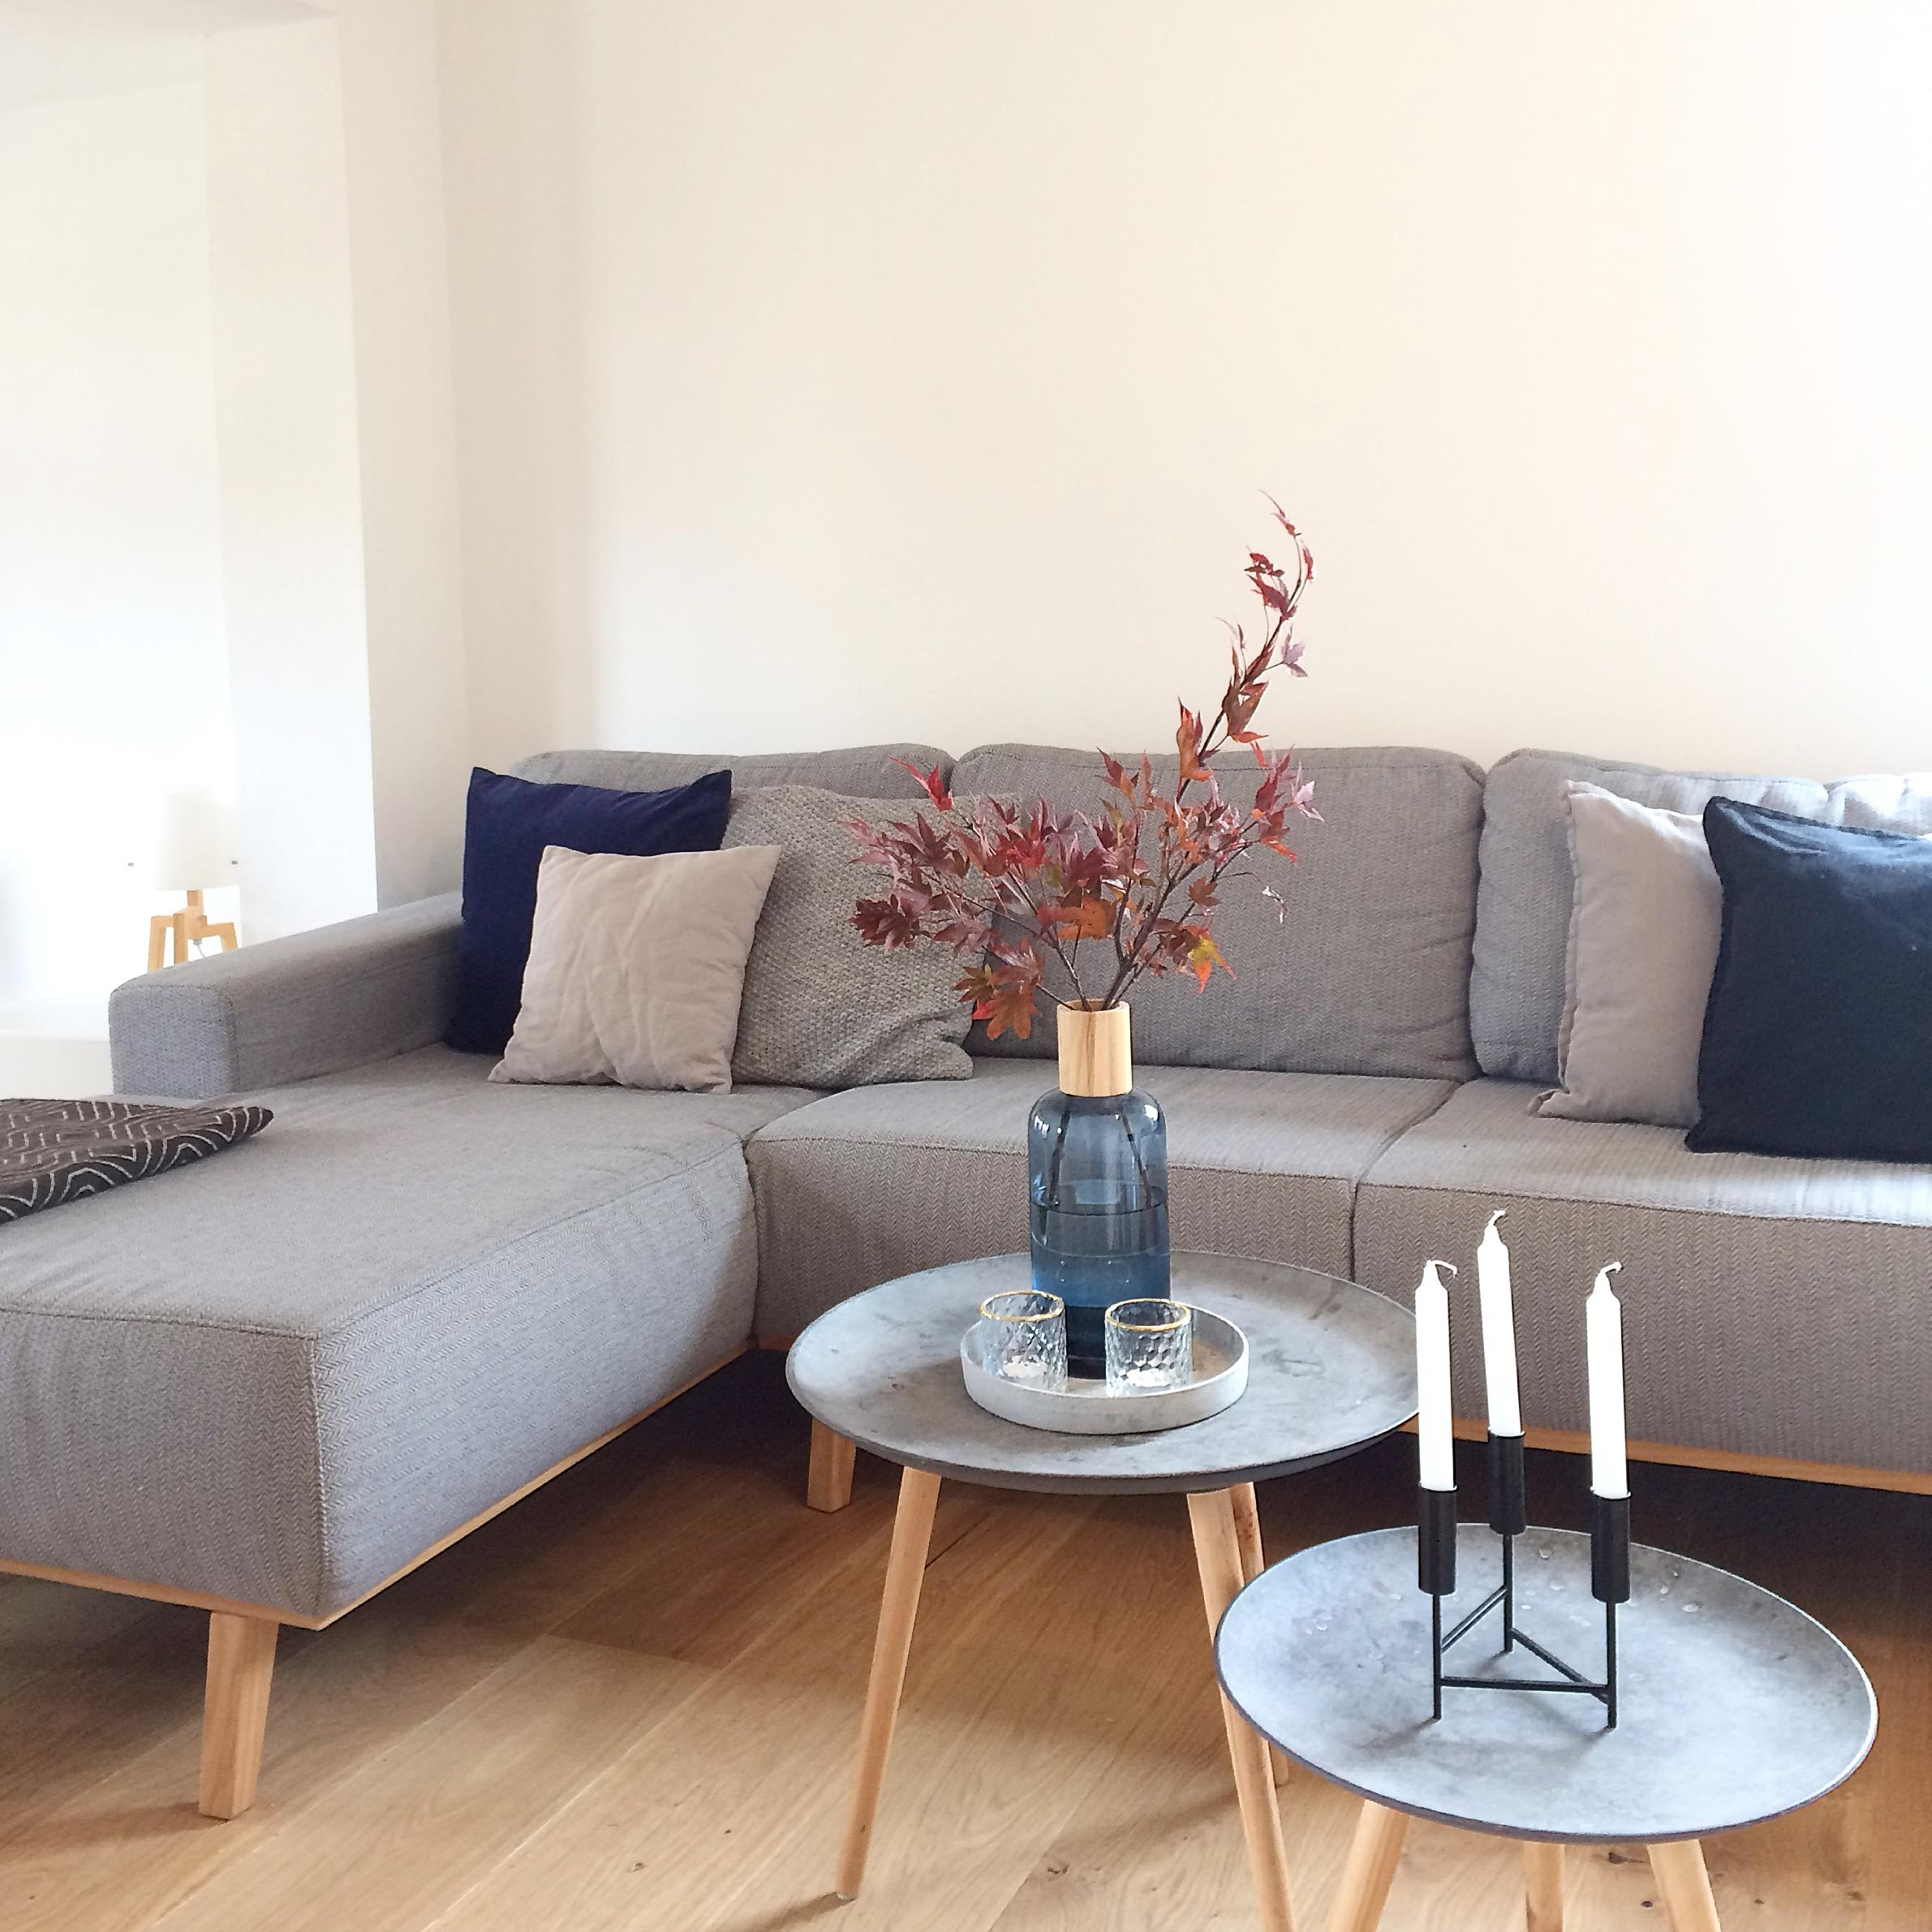 Couch Livingabc Skandistyle Grau Kissen Dunkelblau Vase Wohnzimmer